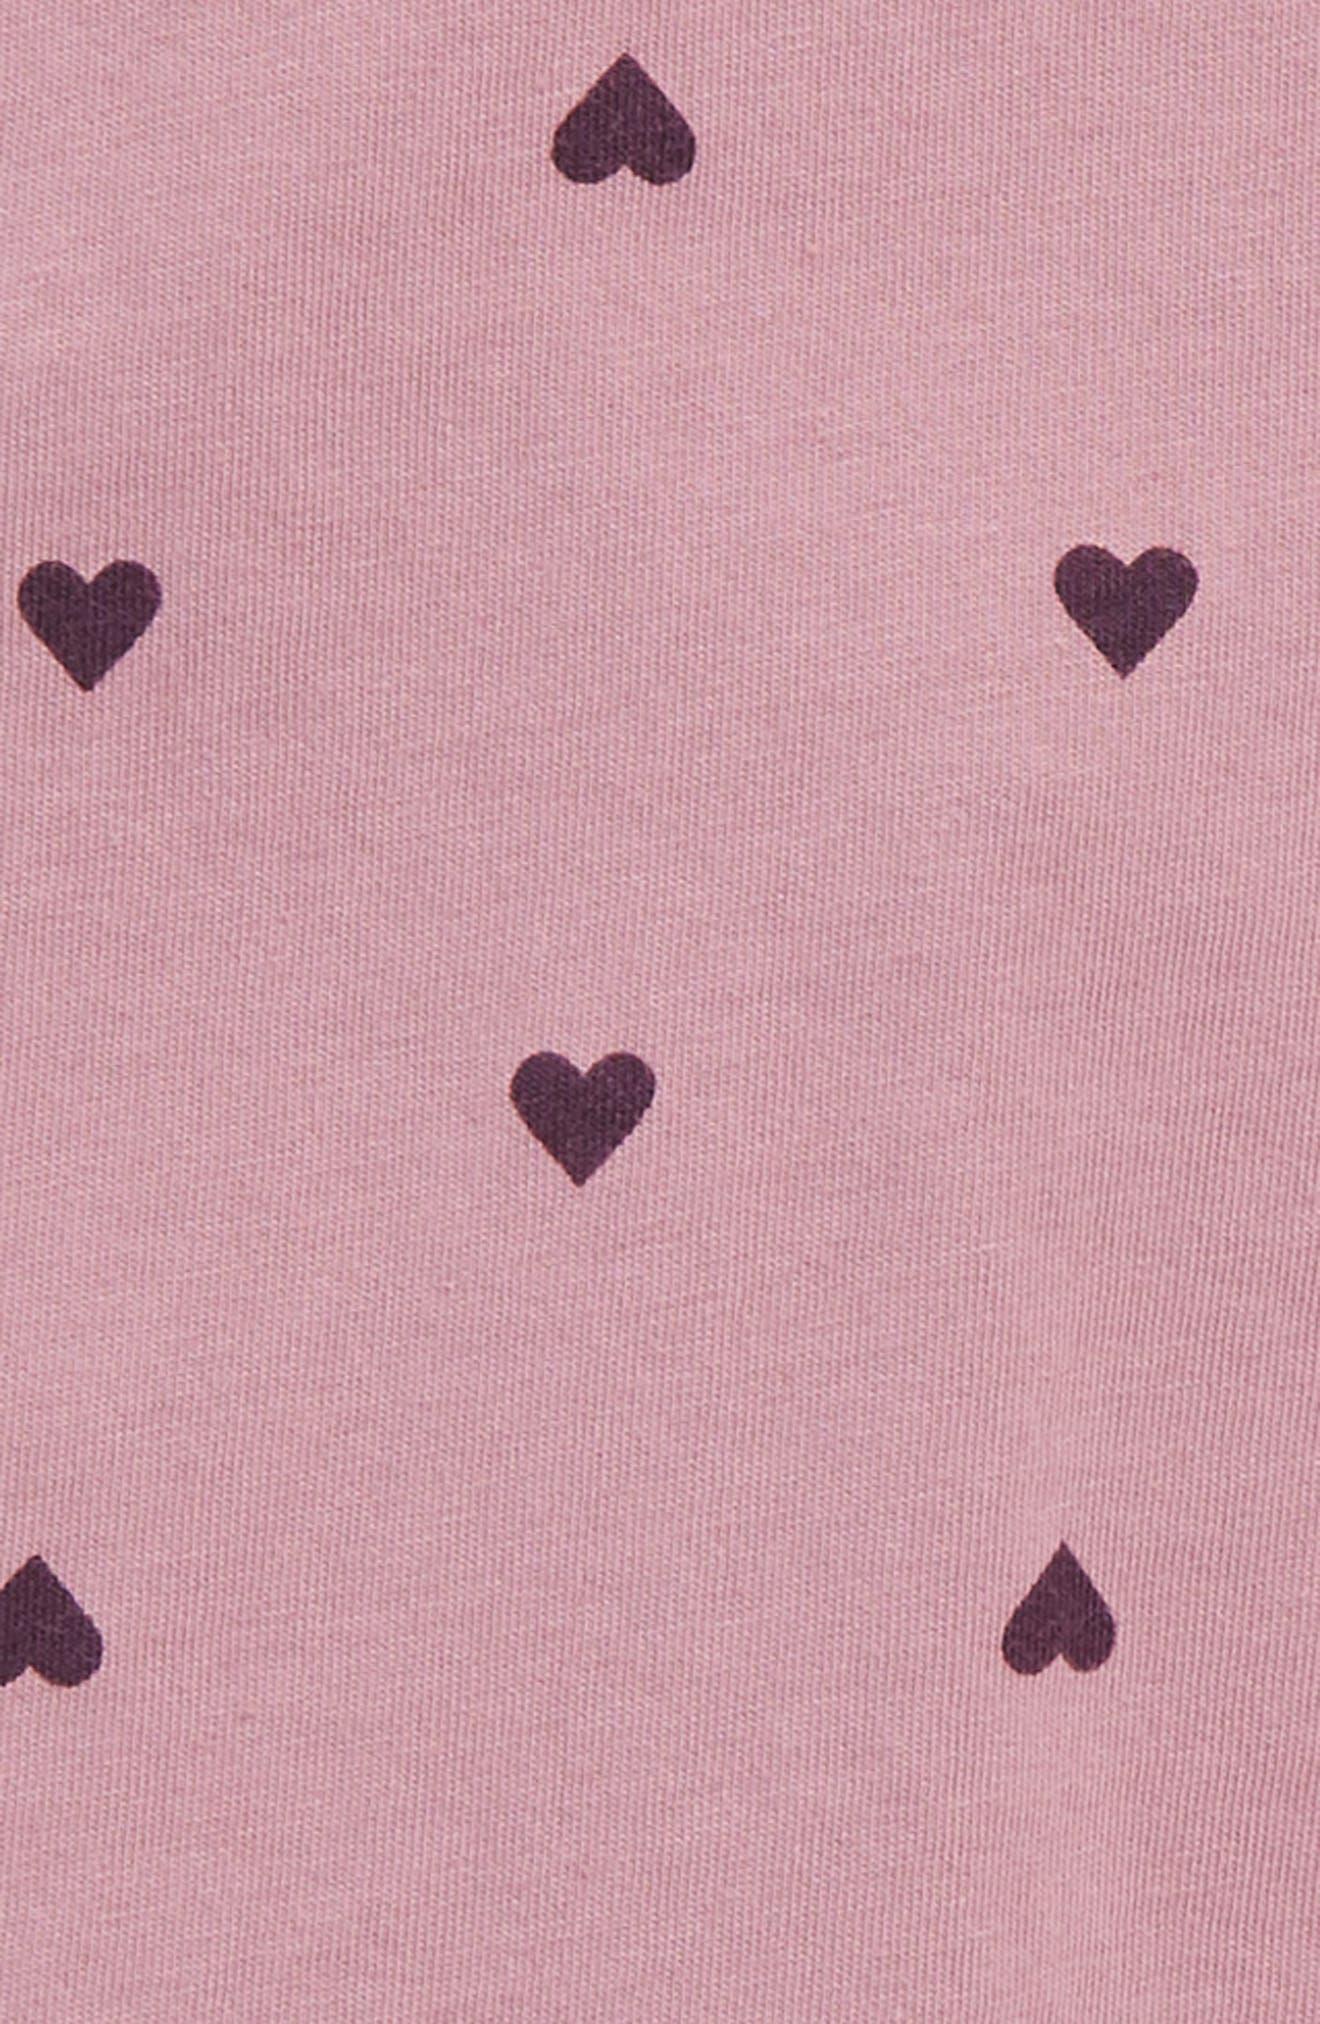 Flutter Sleeve Dress,                             Alternate thumbnail 3, color,                             Iris